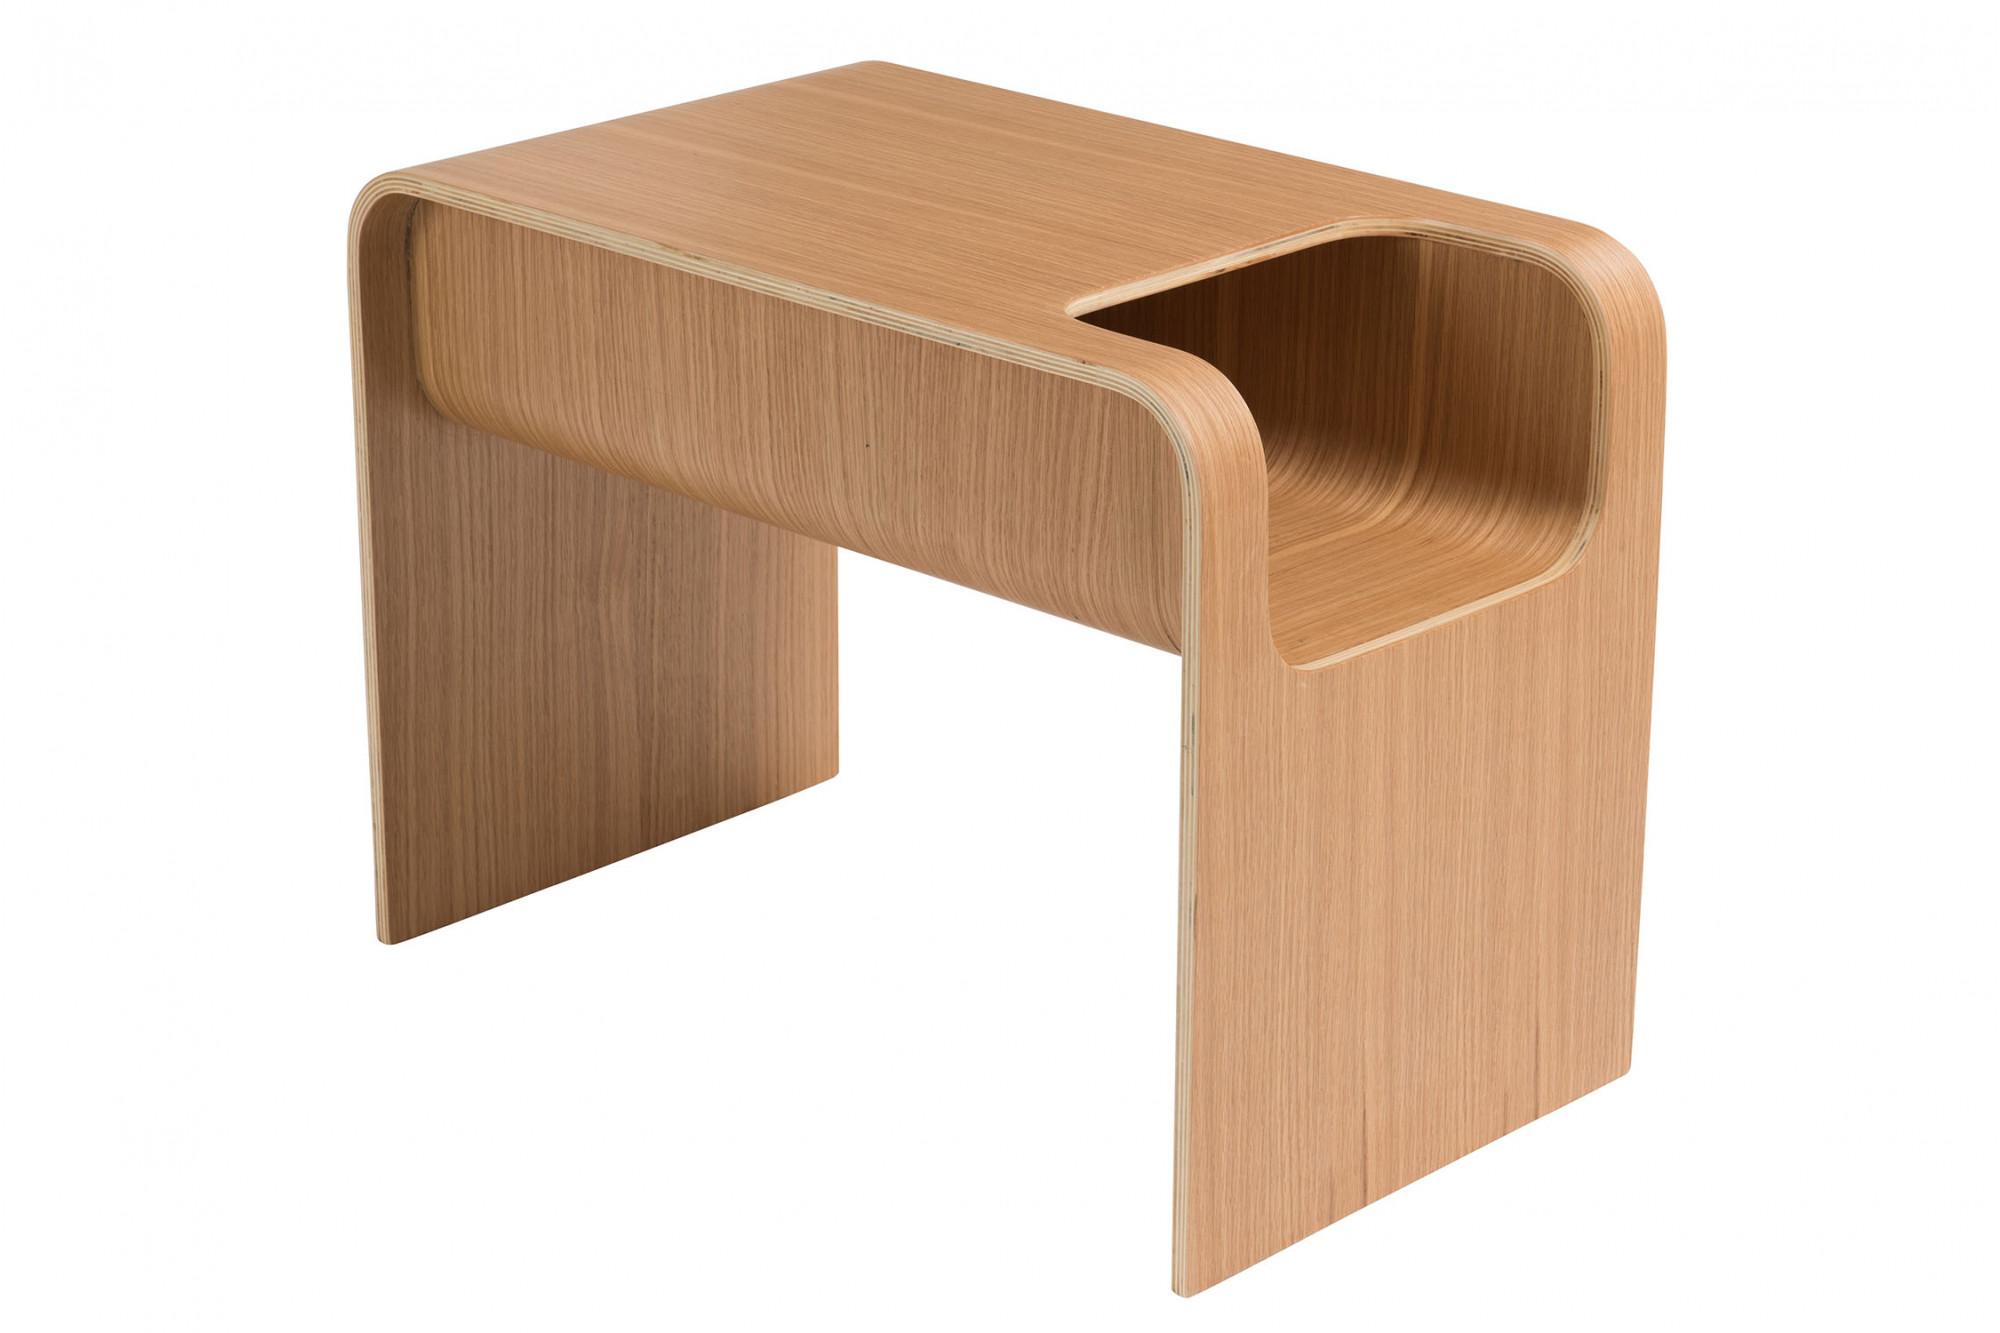 nouveau produit 84966 9e9f2 Bout de canapé en bois - style contemporain - Hellin